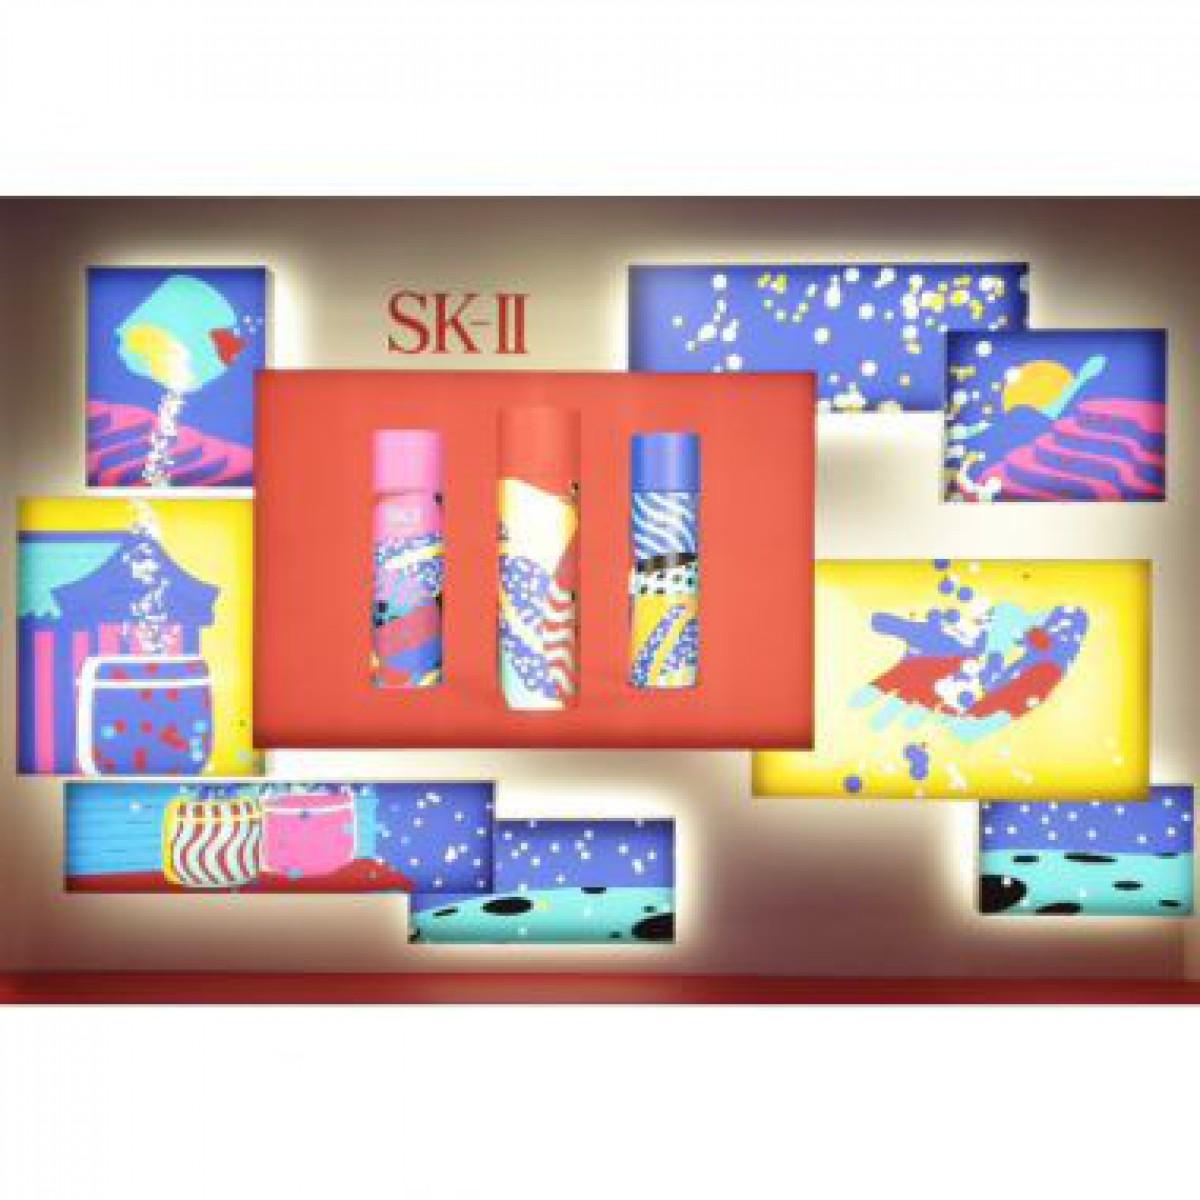 《スキンケアとアートの融合♡》SK-IIのワンダーランドイベント開催中!